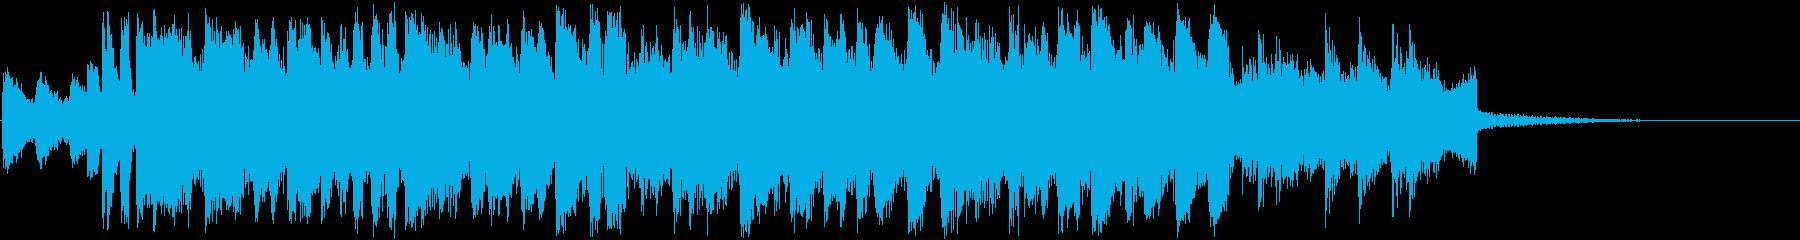 スカ・トランペット・盛り上がる・賑やかの再生済みの波形